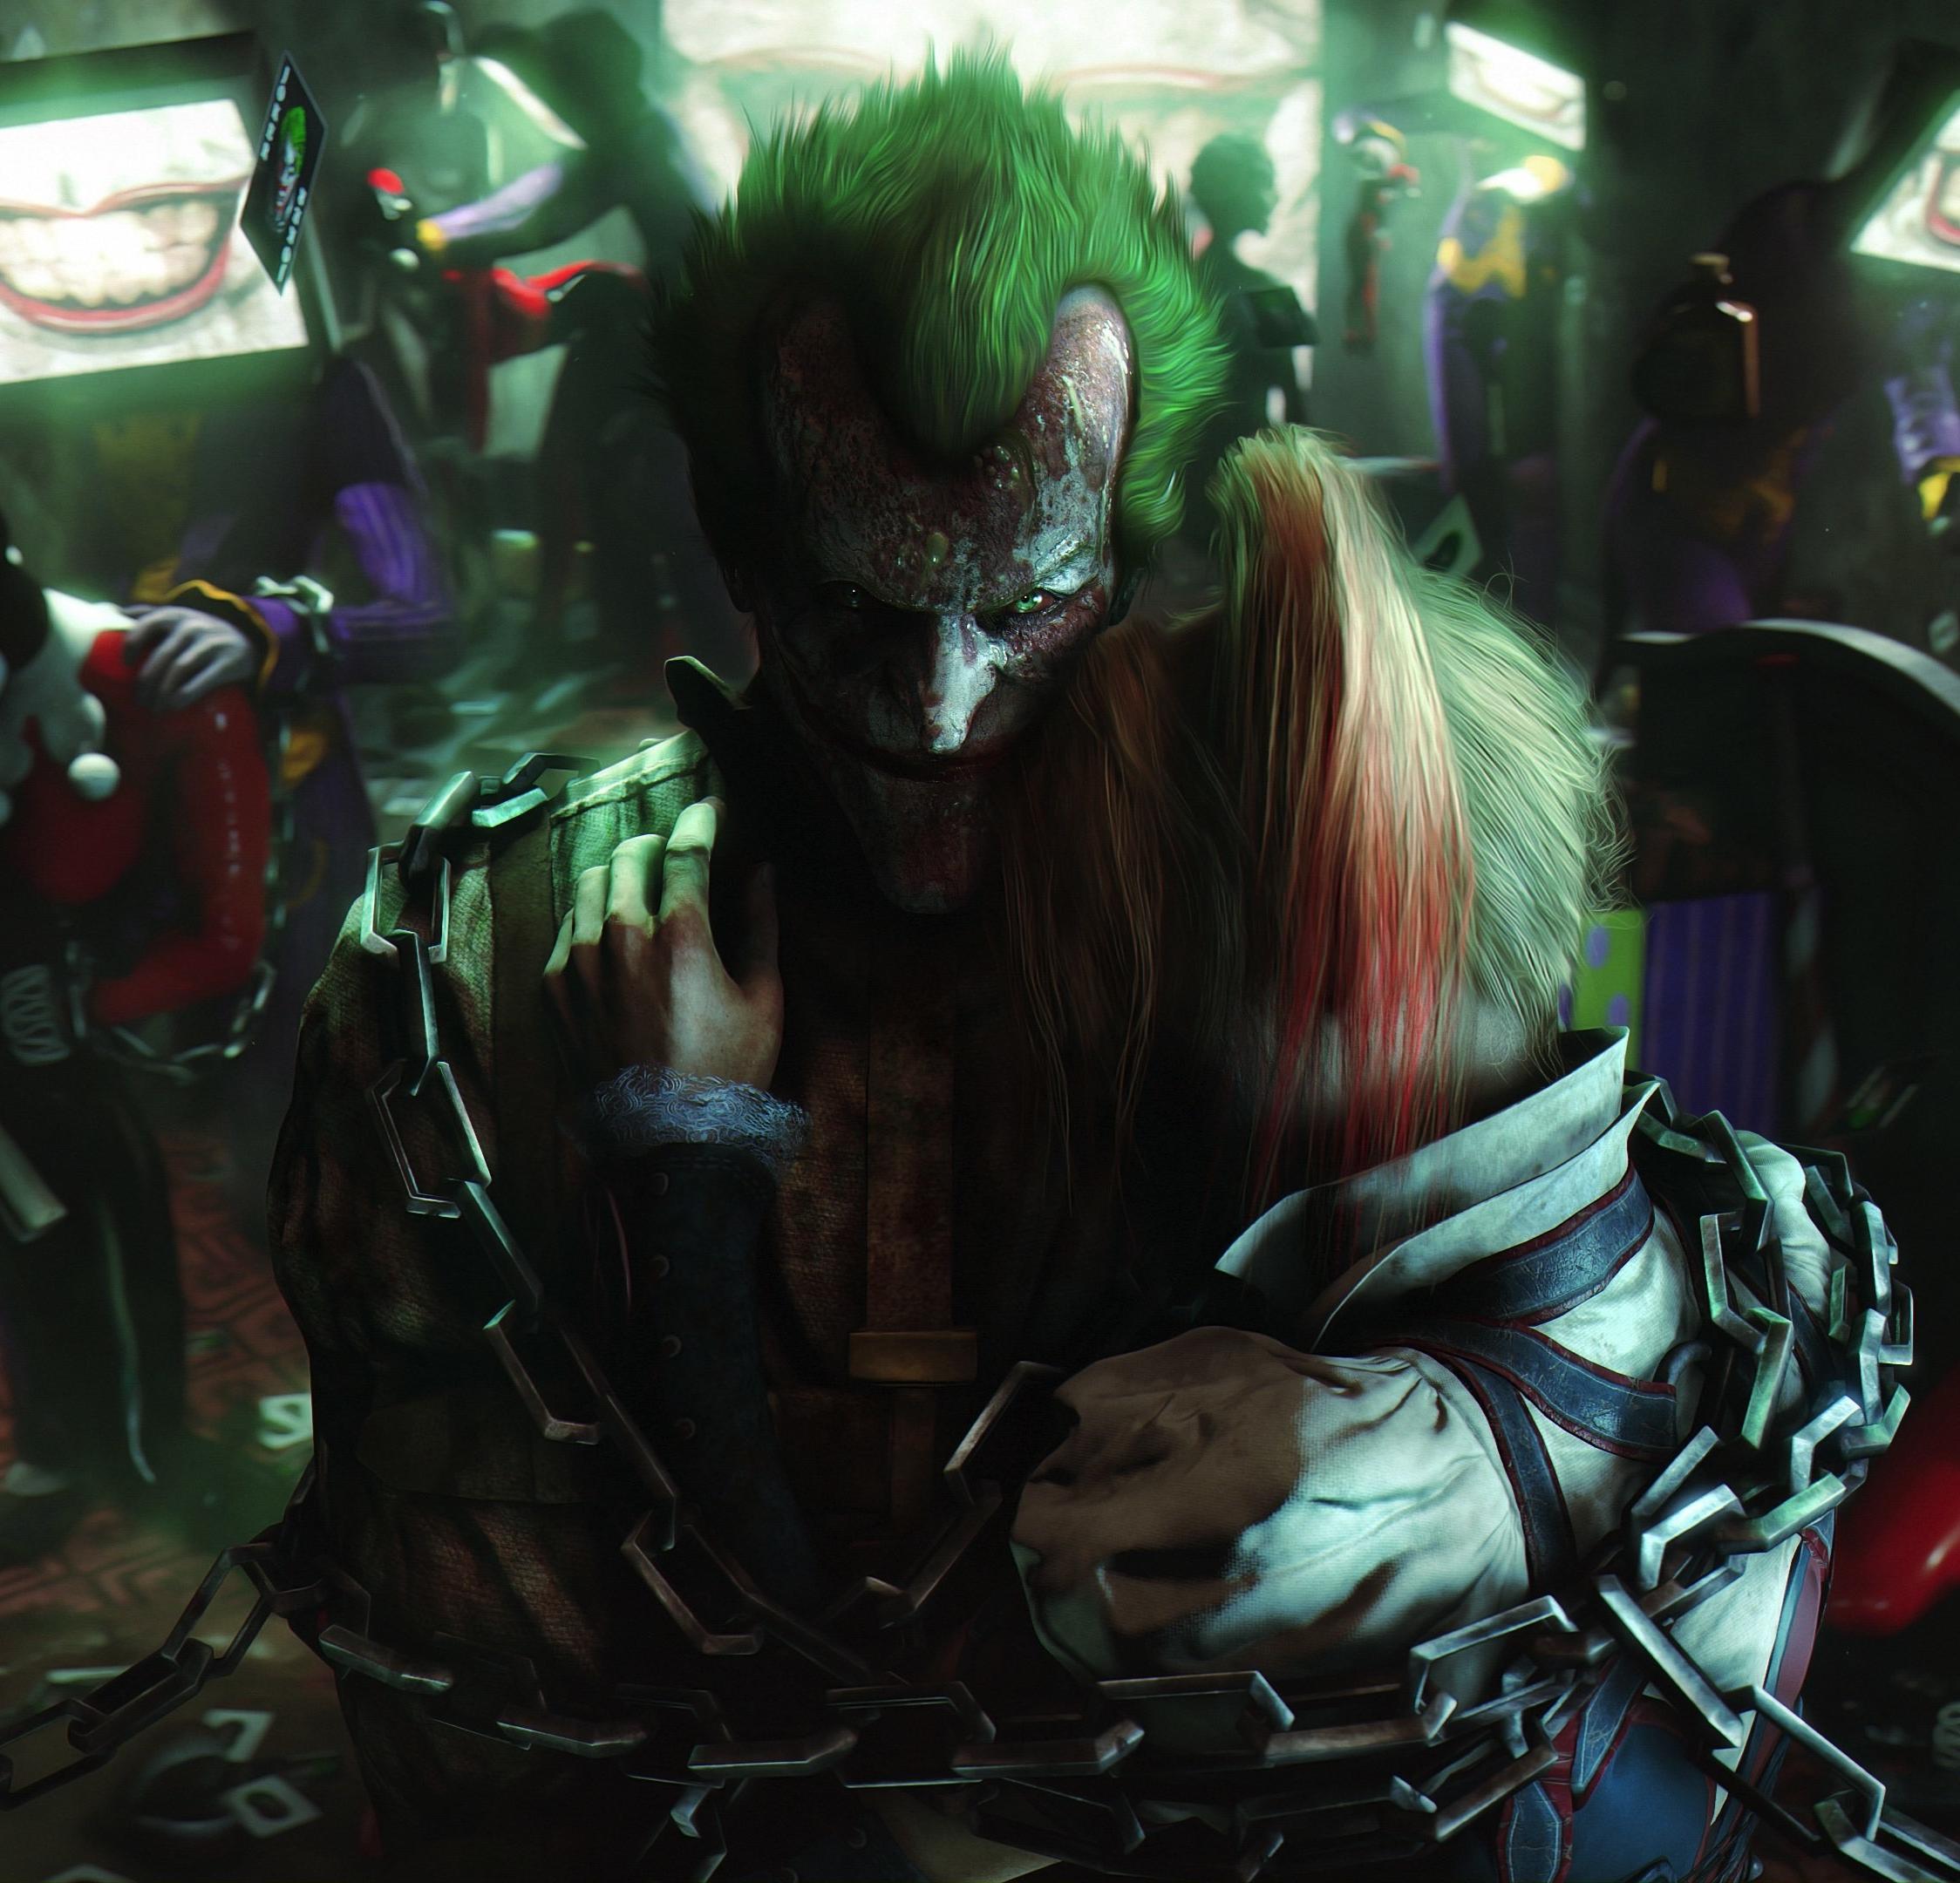 Download 2248x2248 wallpaper batman: arkham city, joker, villain